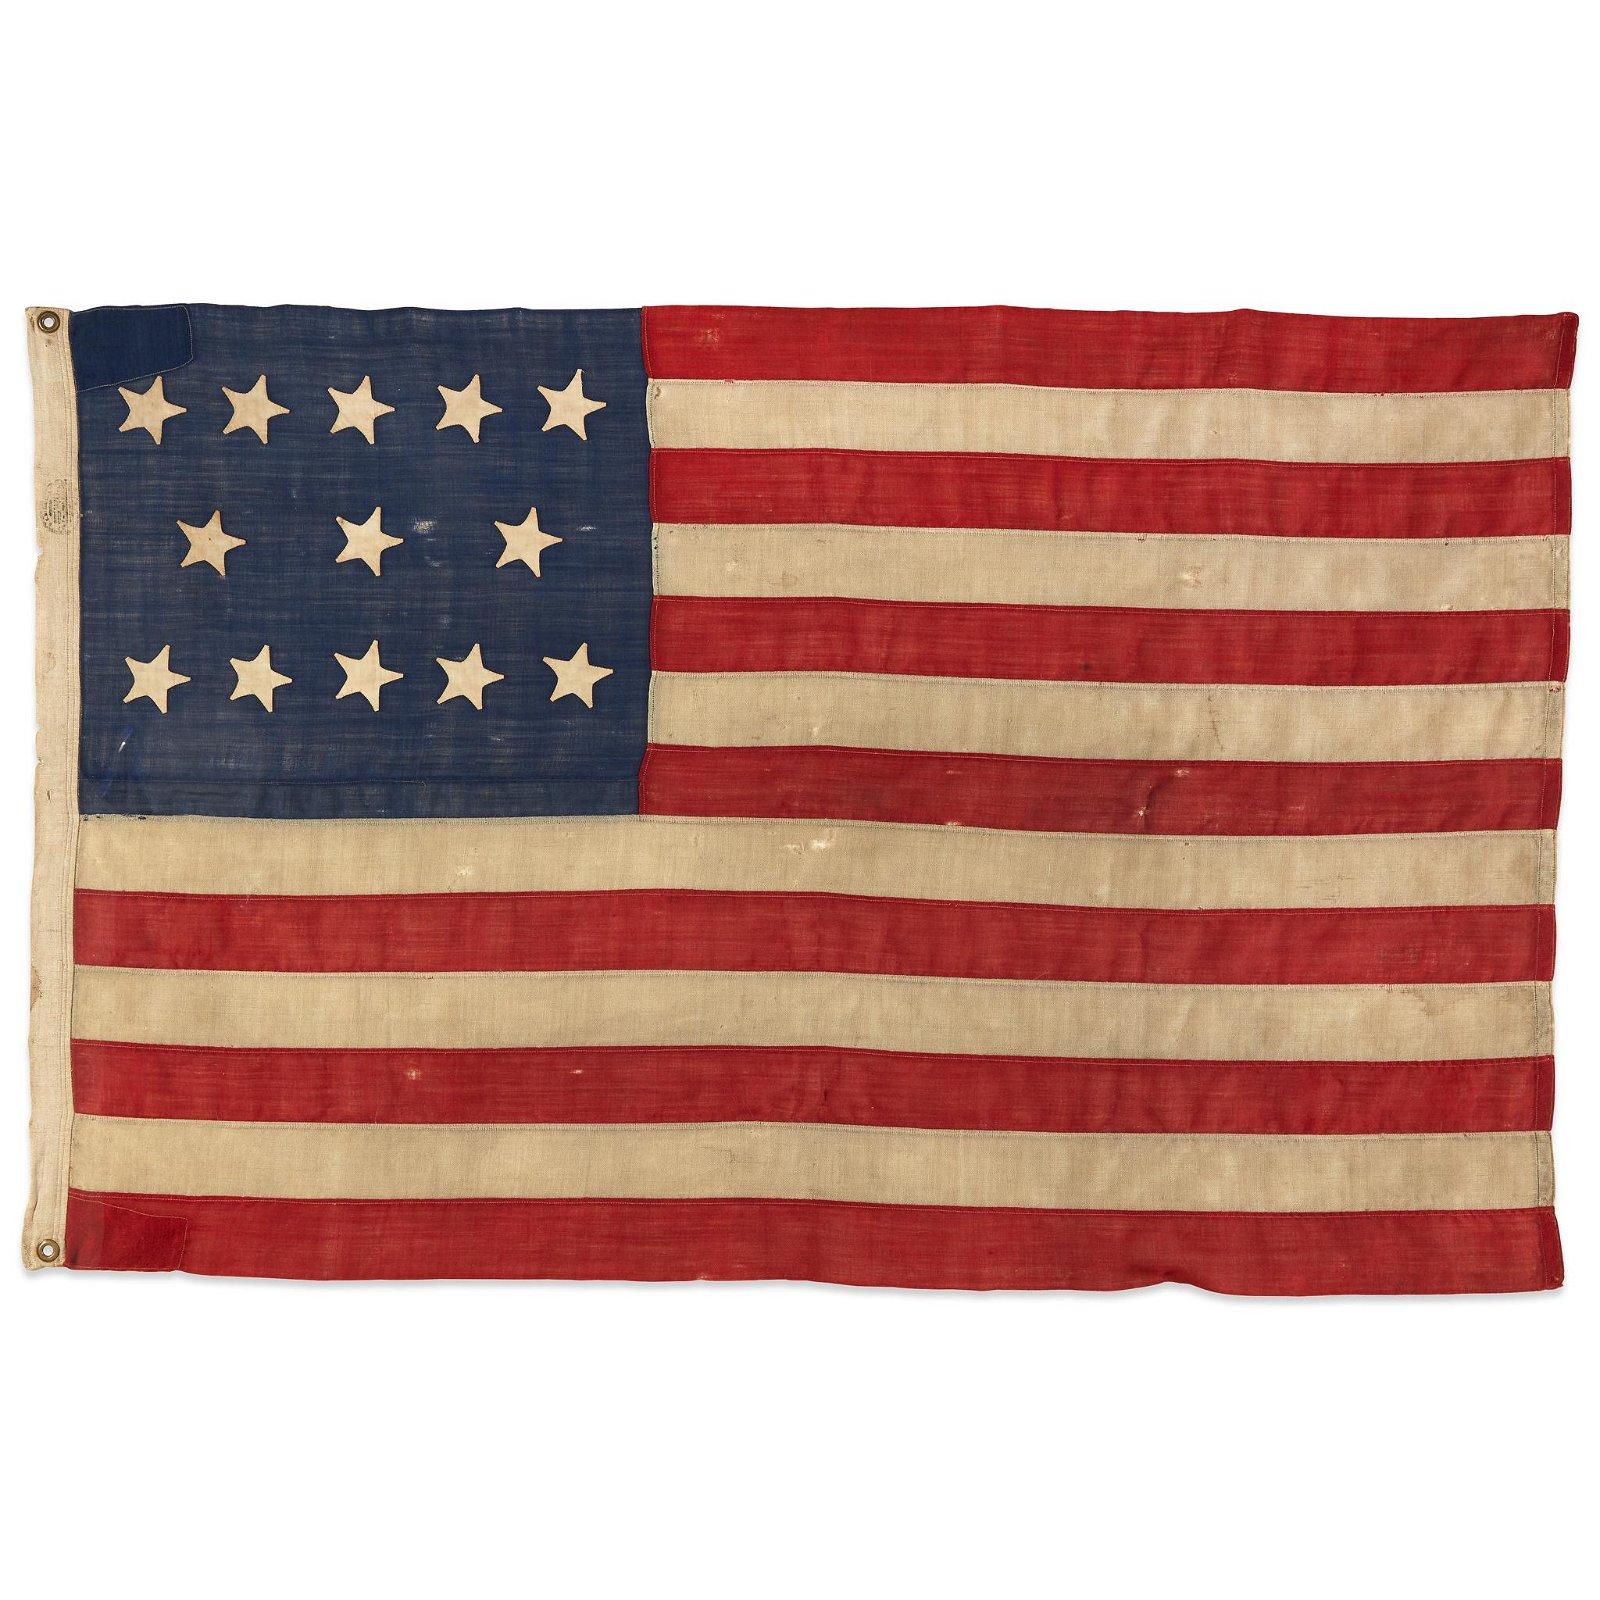 A 13-Star American Flag, circa 1861